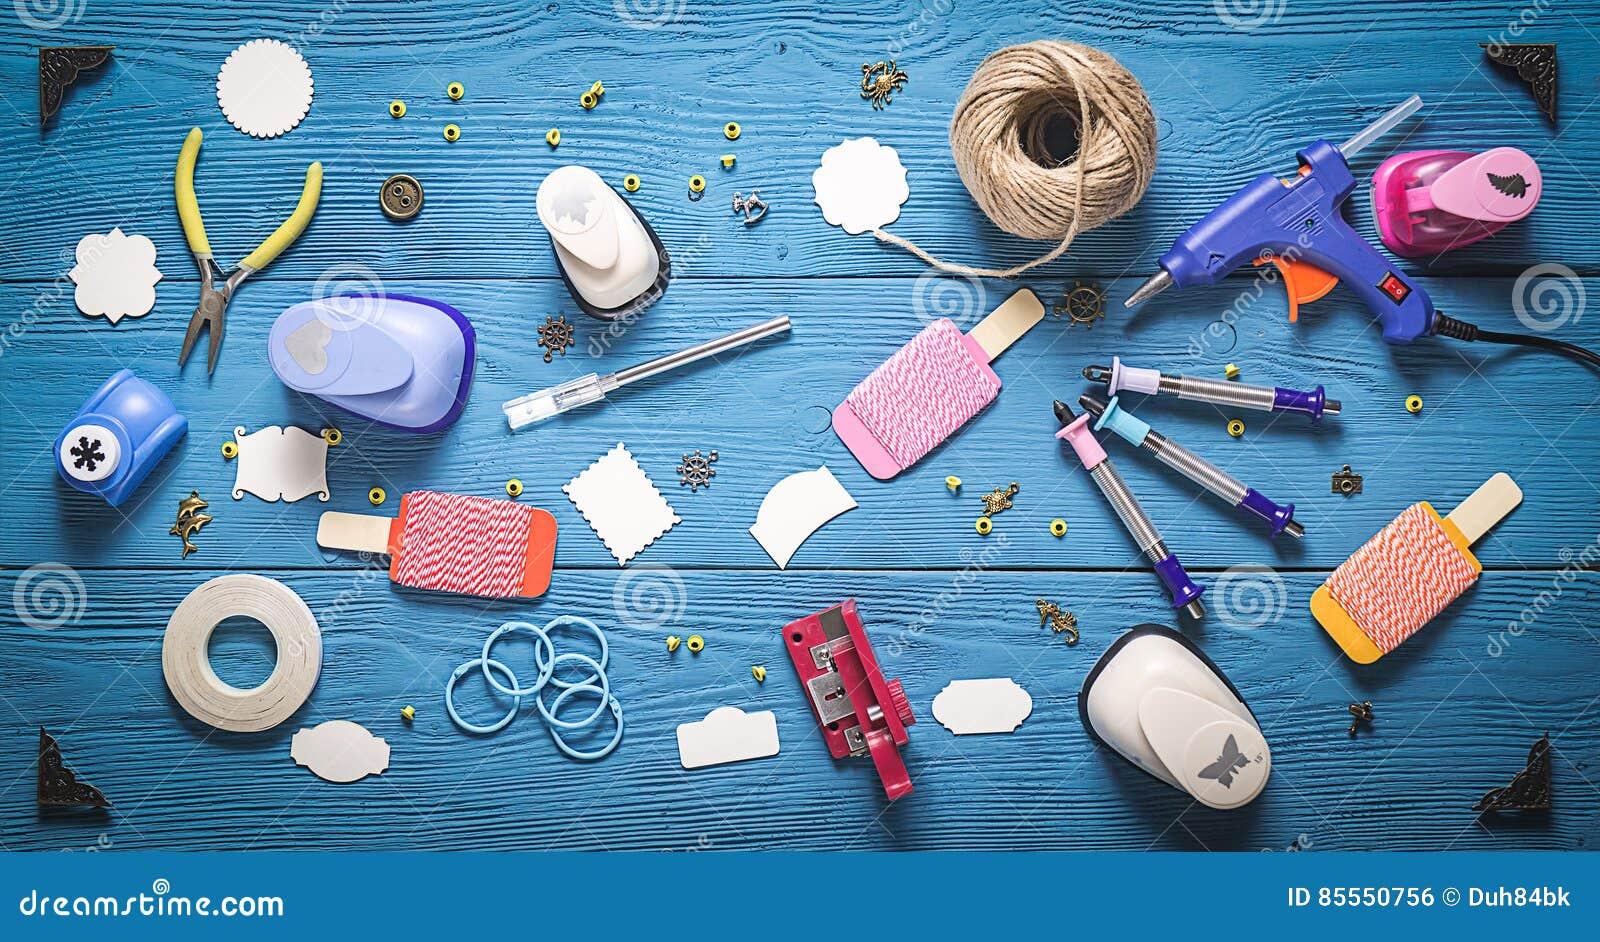 Holztisch mit Werkzeugen für das Scrapbooking